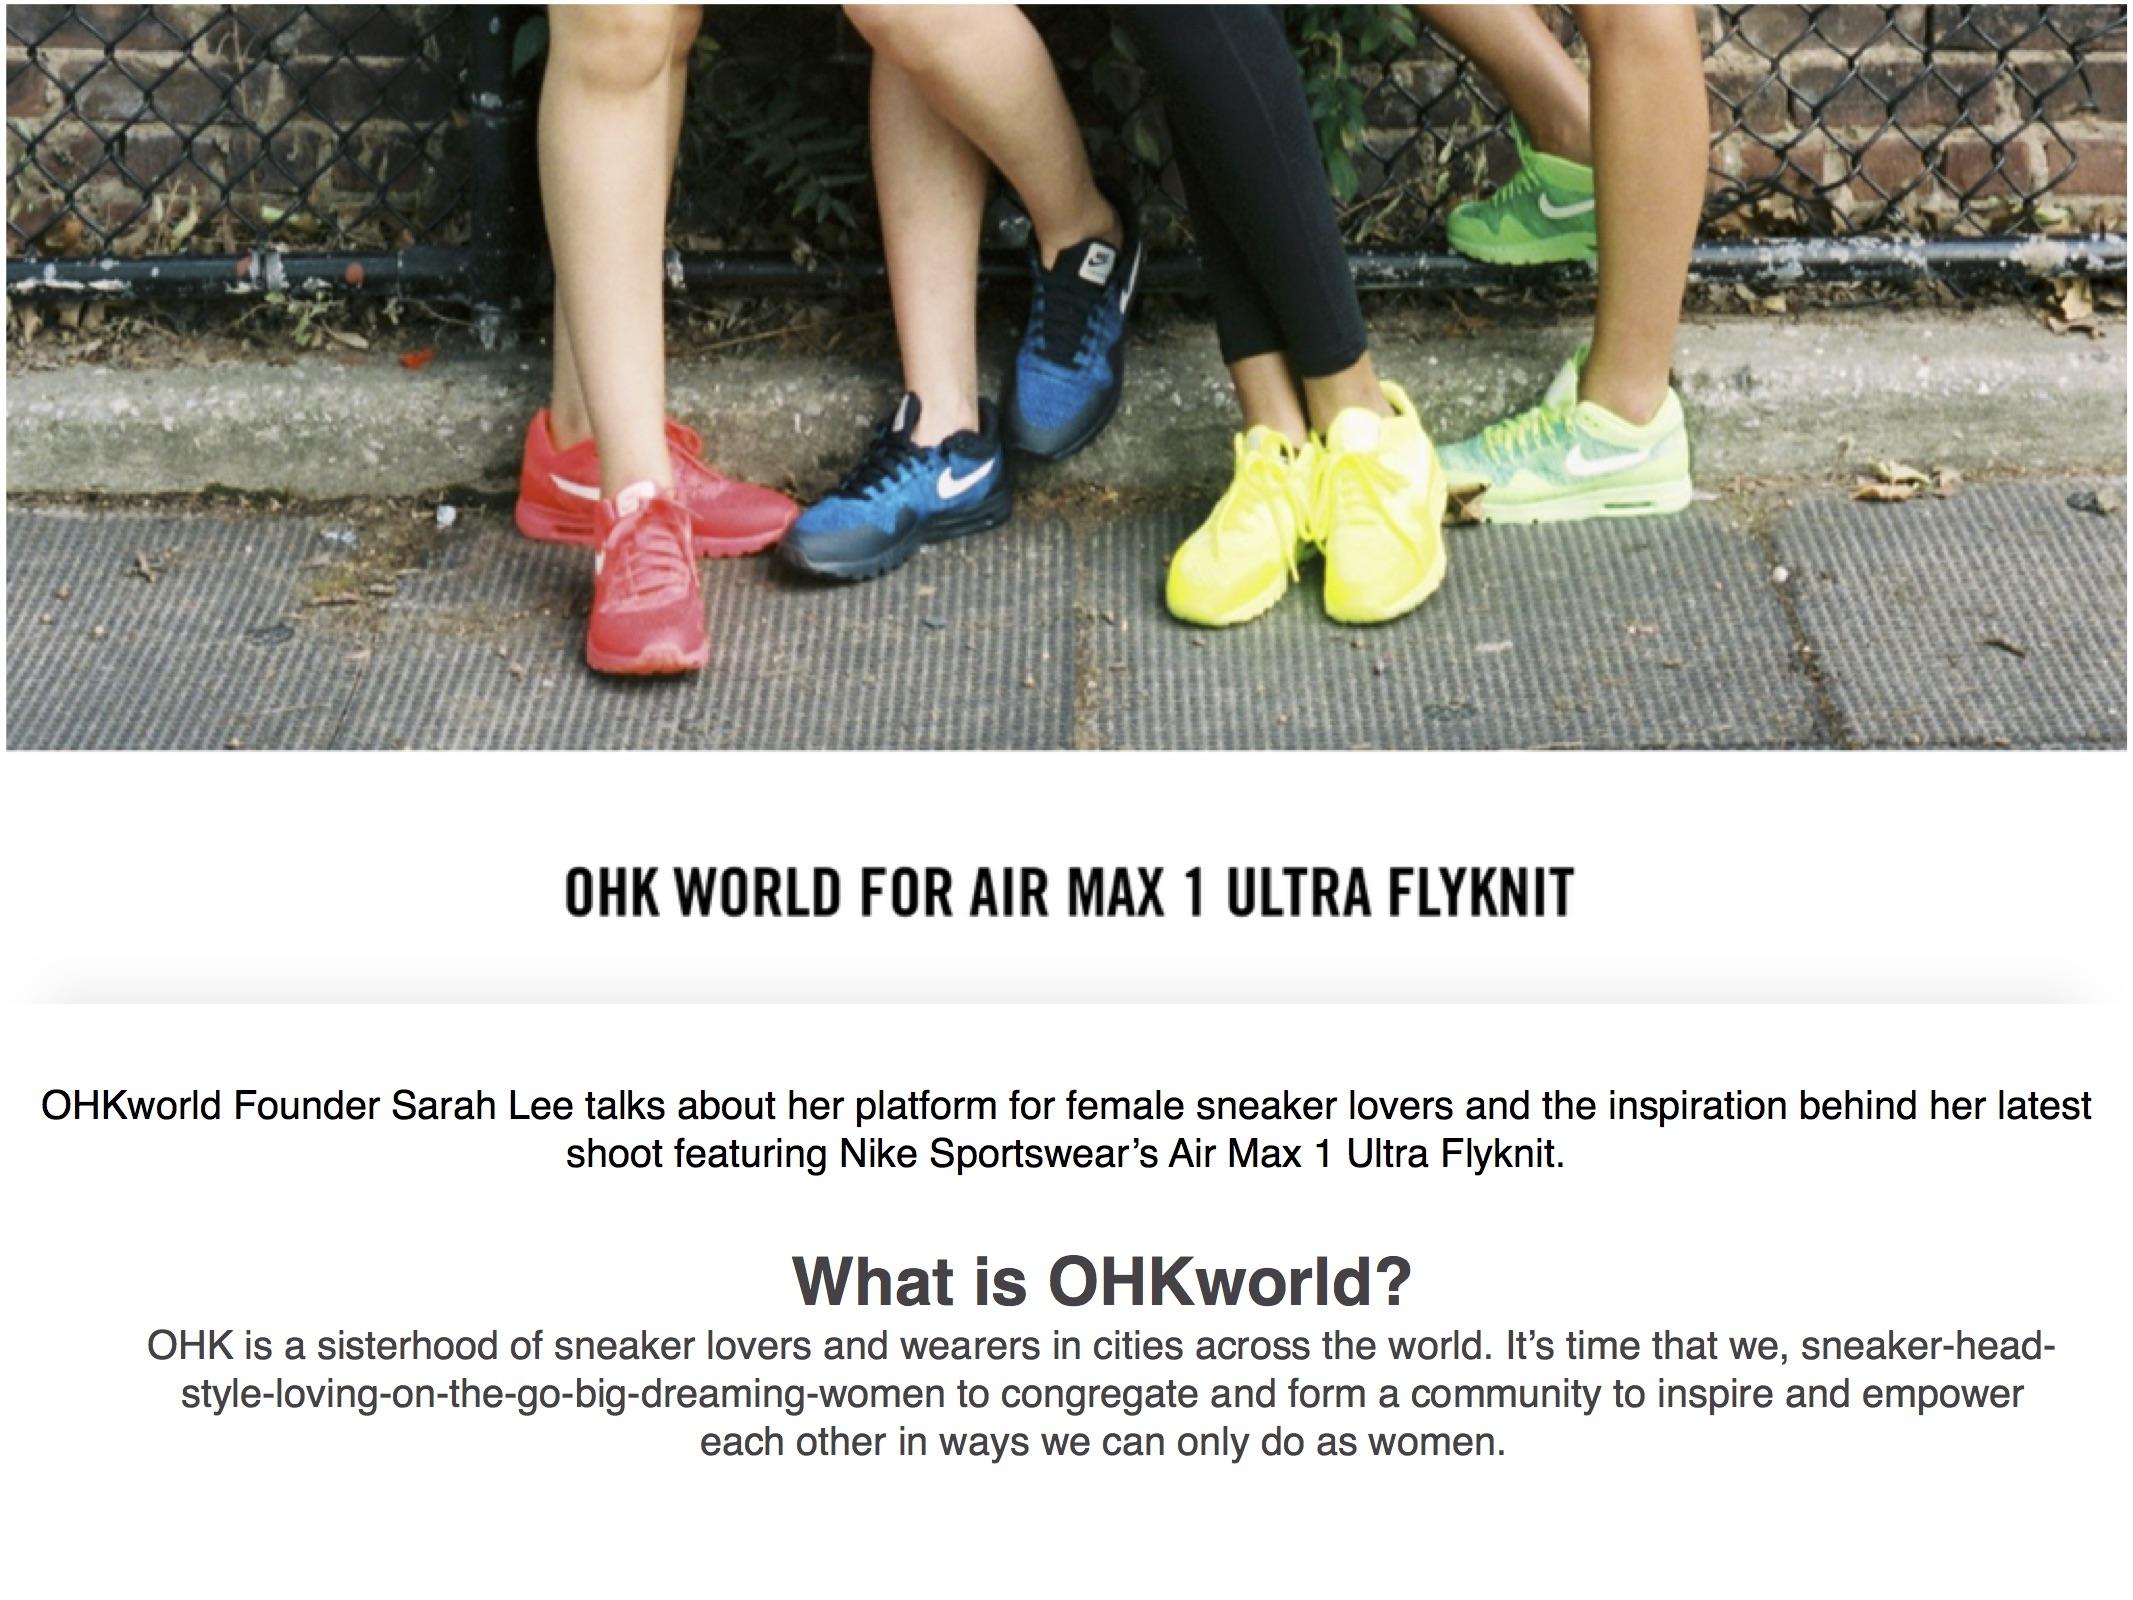 OHKWorld - AM1 Ultra Flyknit1.jpg